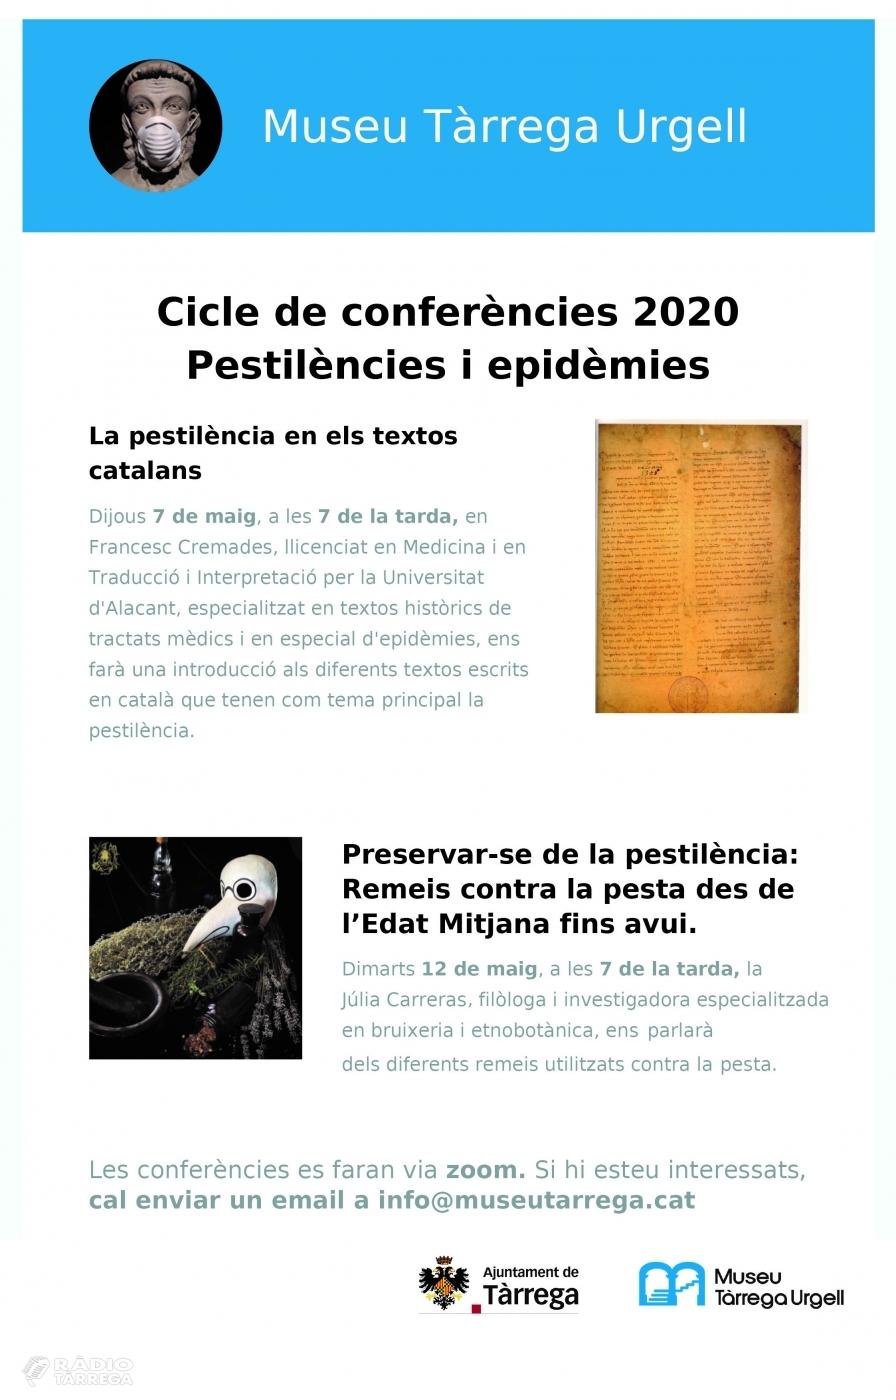 ACTUALITZACIÓ: El Museu Tàrrega Urgell oferirà per via telemàtica un programa de conferències sobre la pandèmia de la pesta a l'Edat Mitjana